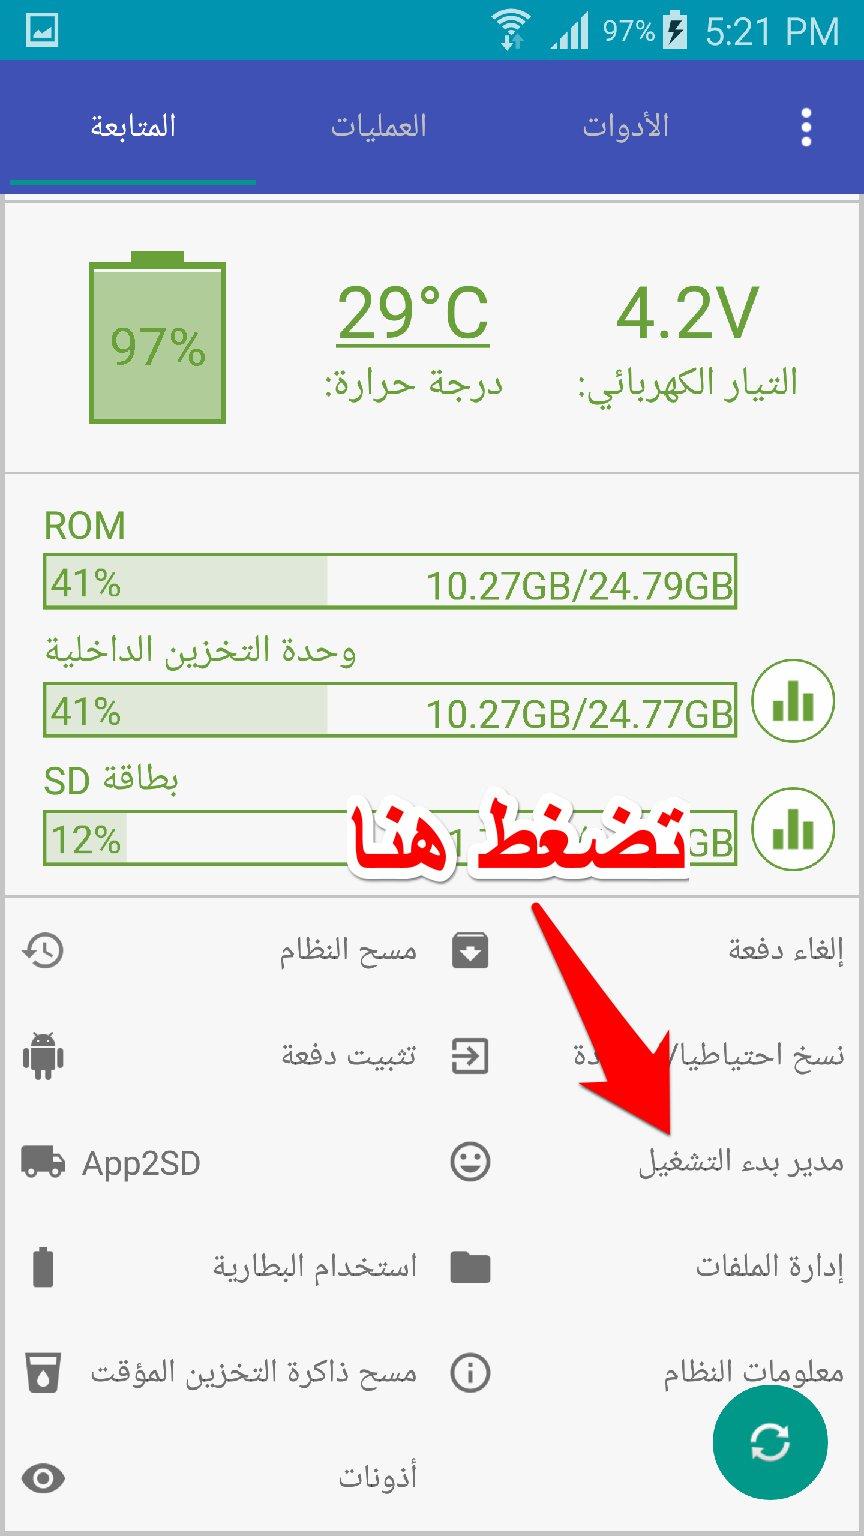 تطبيق Assistant for Android لتسريع تشغيل جوالك الاندرويد | بحرية درويد